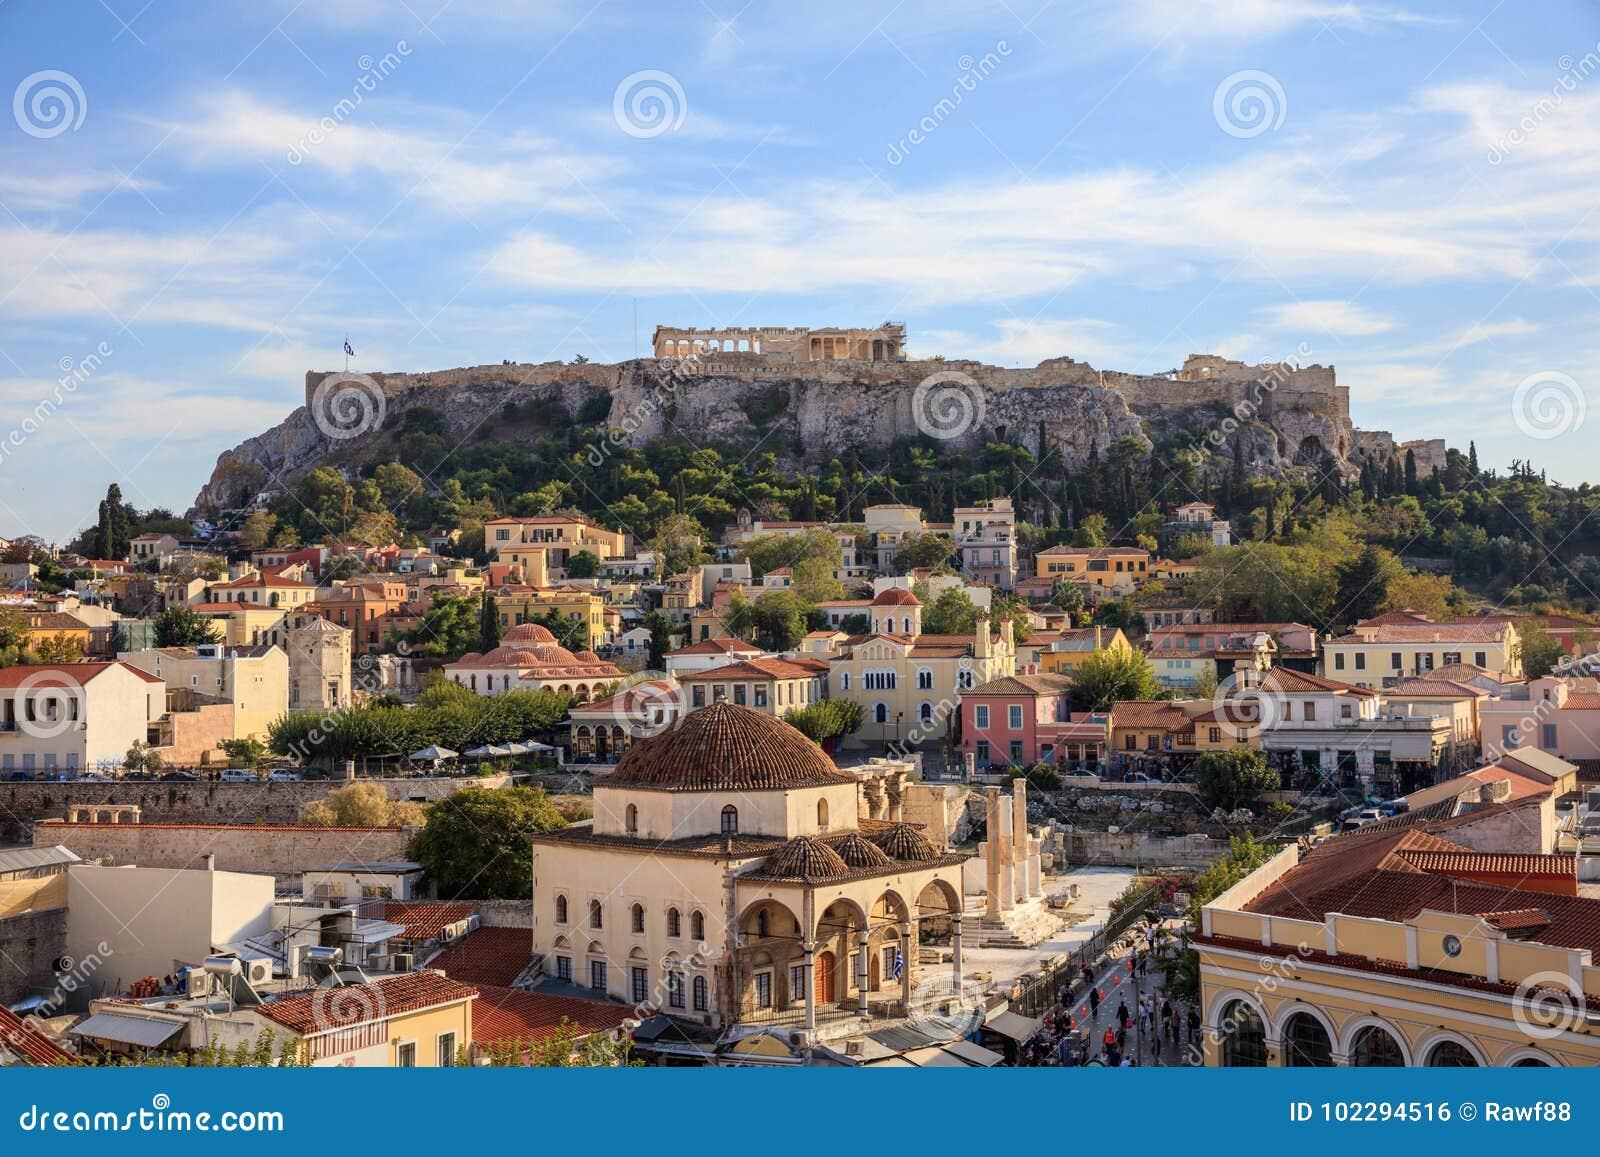 Athens, Greece. Acropolis rock and Monastiraki square